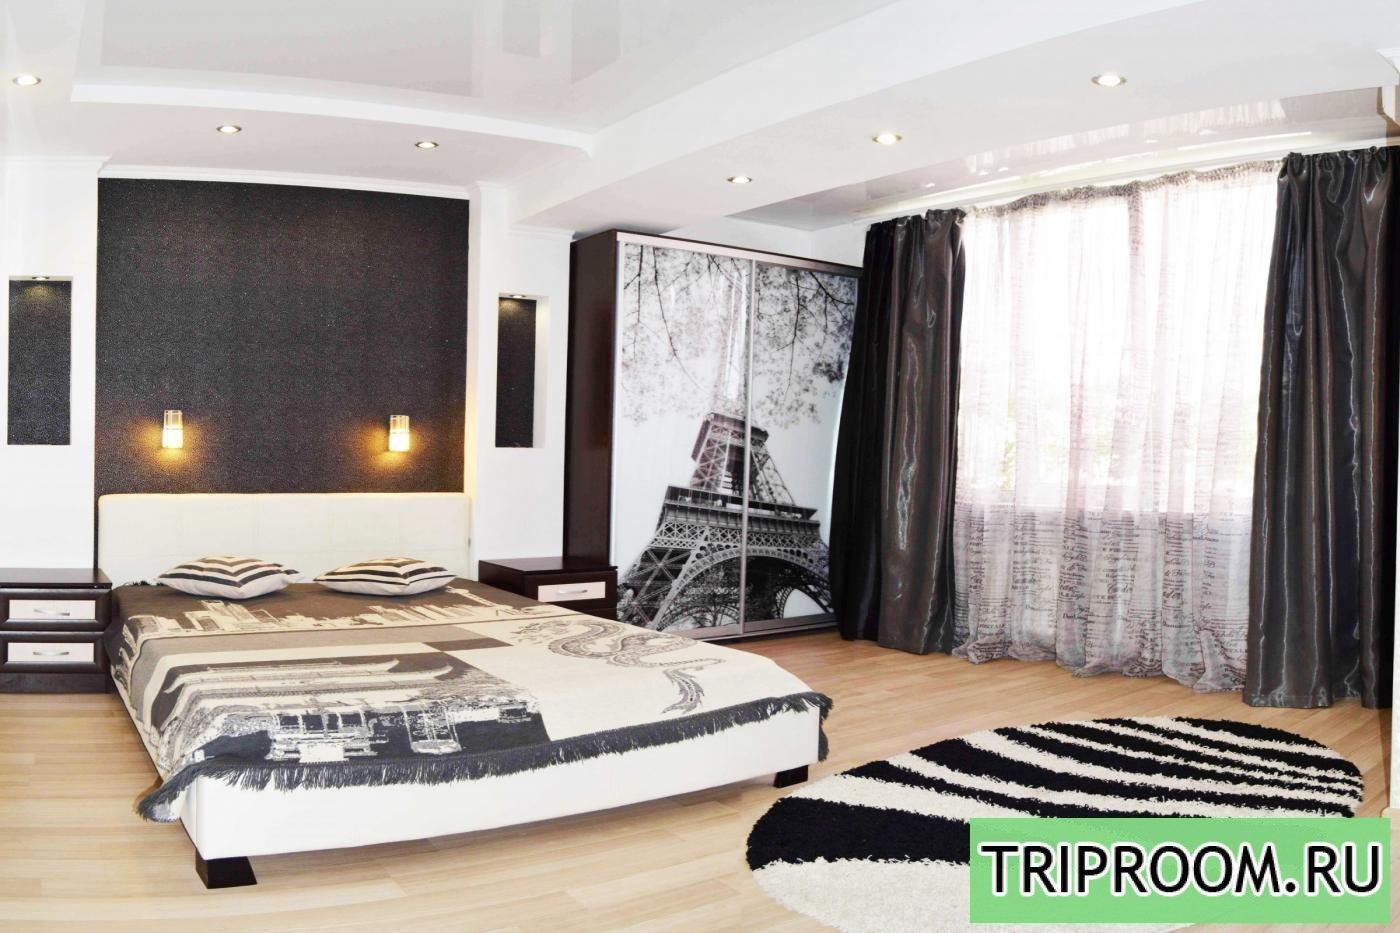 1-комнатная квартира посуточно (вариант № 720), ул. Античный проспект, фото № 1